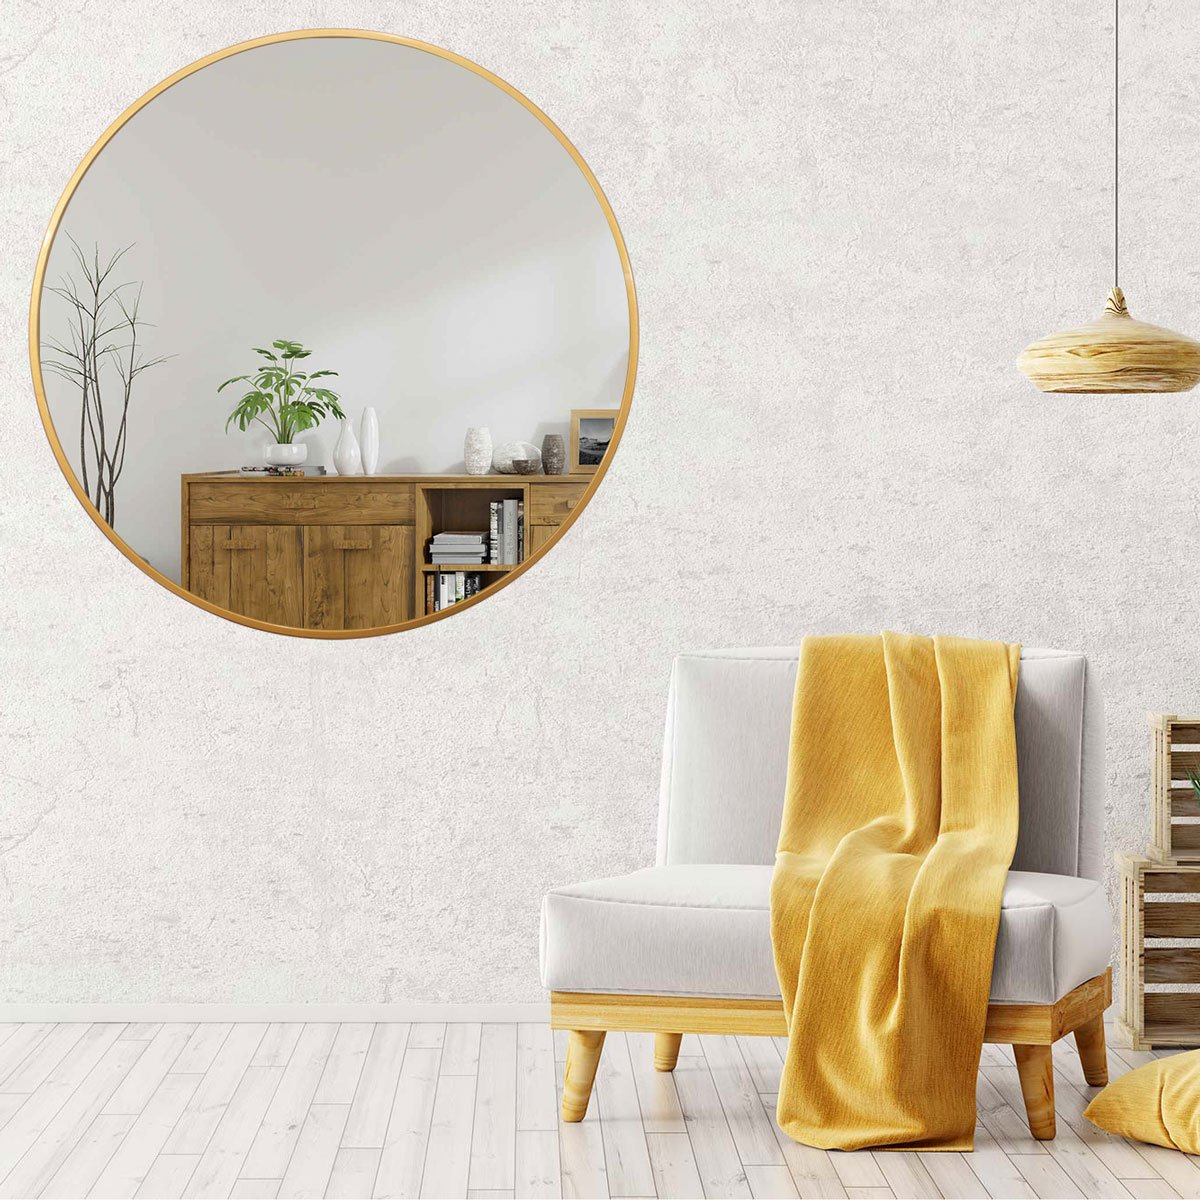 Espelho Decorativo Redondo - Decore Pronto.